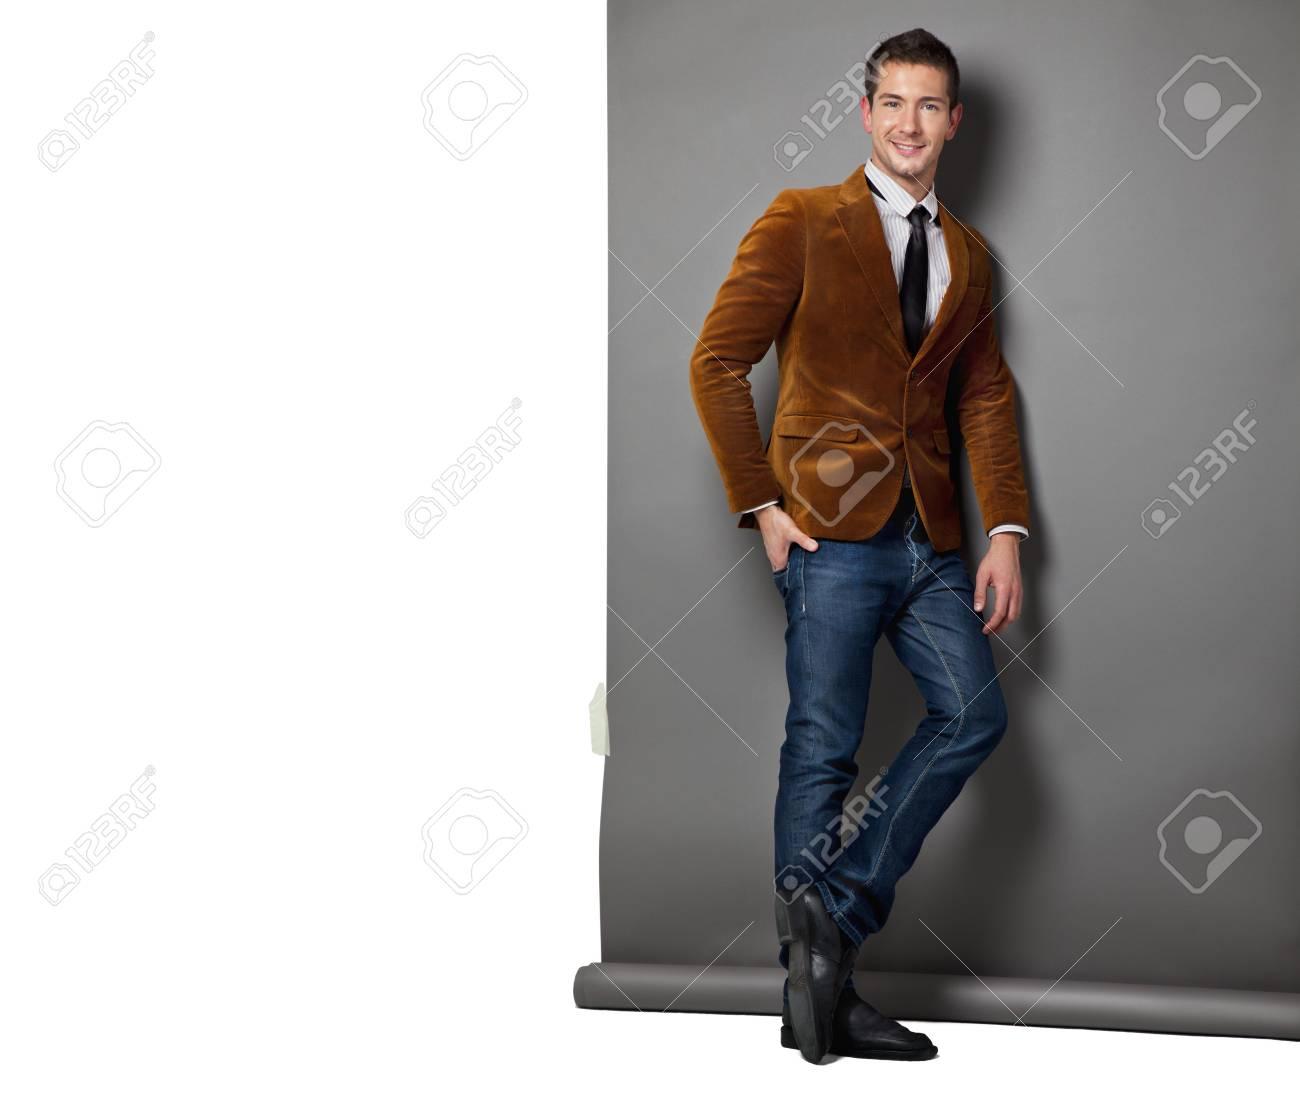 nuevo producto 30665 e1030 Hombre caucásico joven con chaqueta de pana